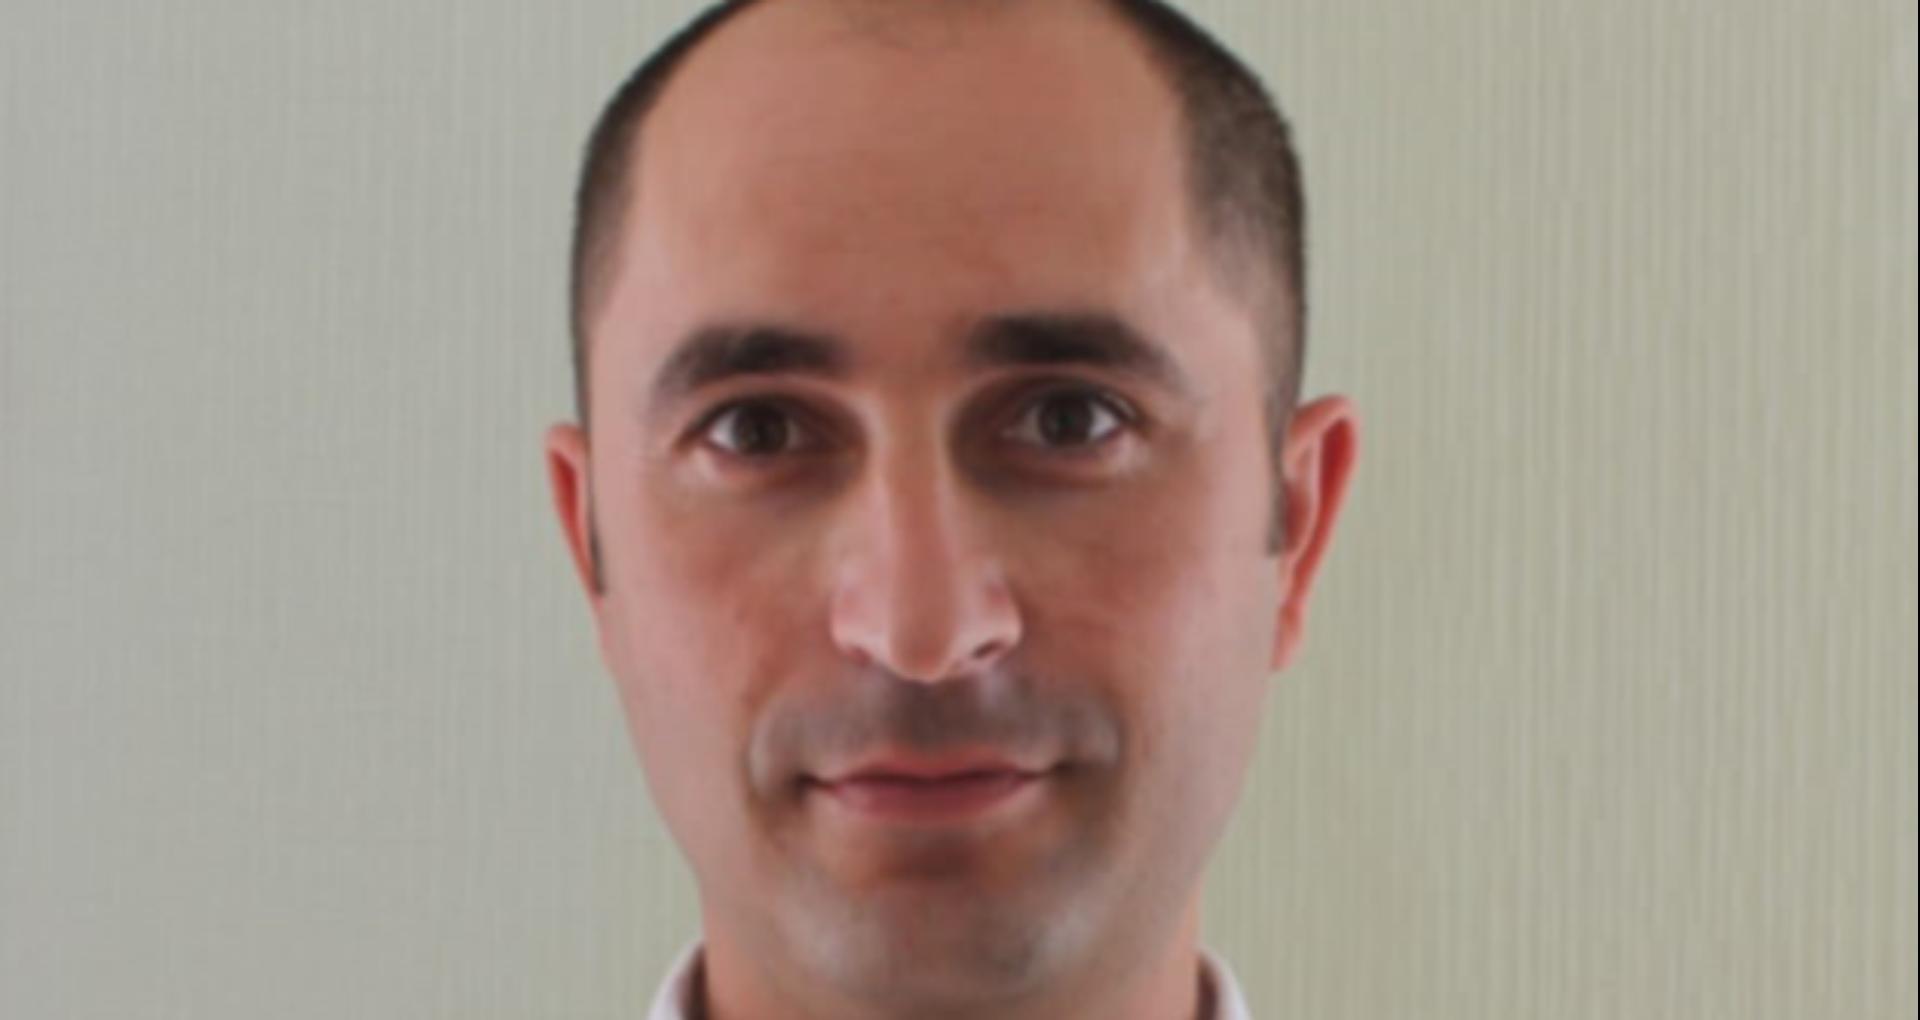 DOC/ Magistrații Judecătoriei Chișinău au respins cererea de chemare în judecată împotriva ANI depusă de un ofițer principal de la ANP, constatat cu incompatibilitate de funcție